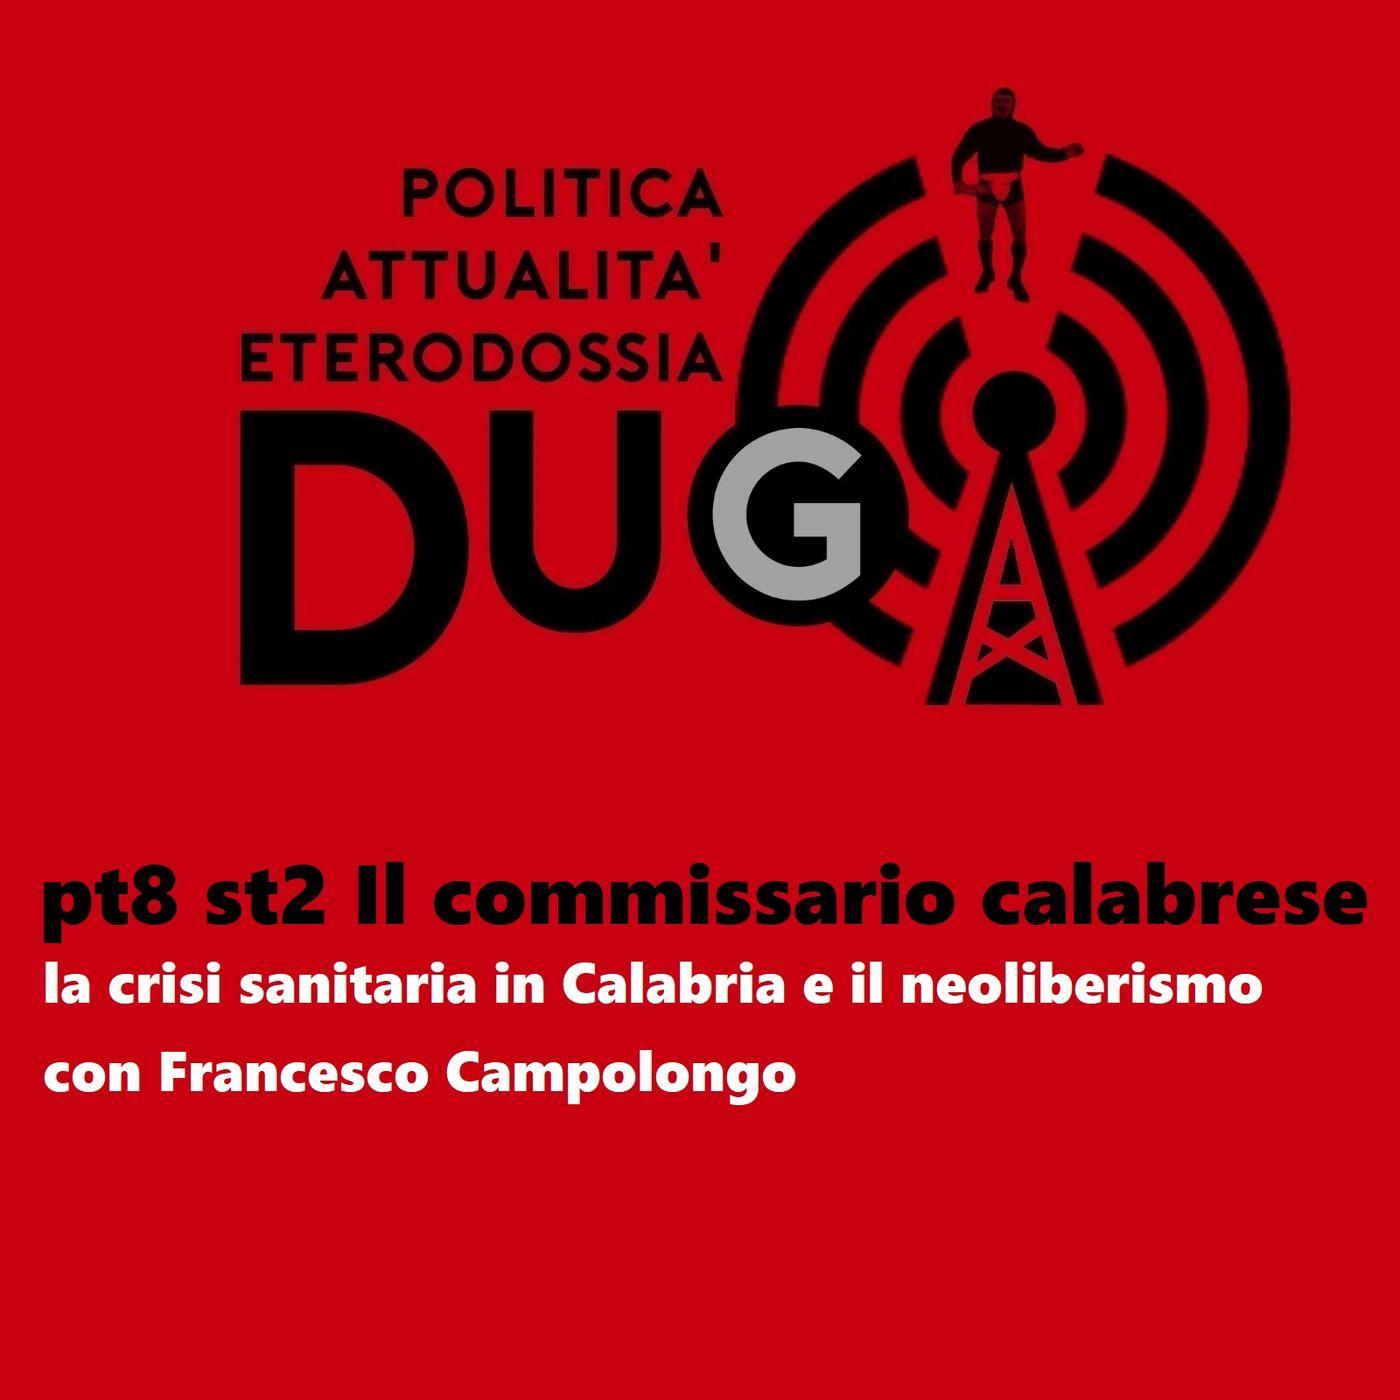 pt8 st2 Il commissario calabrese_ la crisi sanitaria in Calabria e il neoliberismo, con Francesco Campolongo